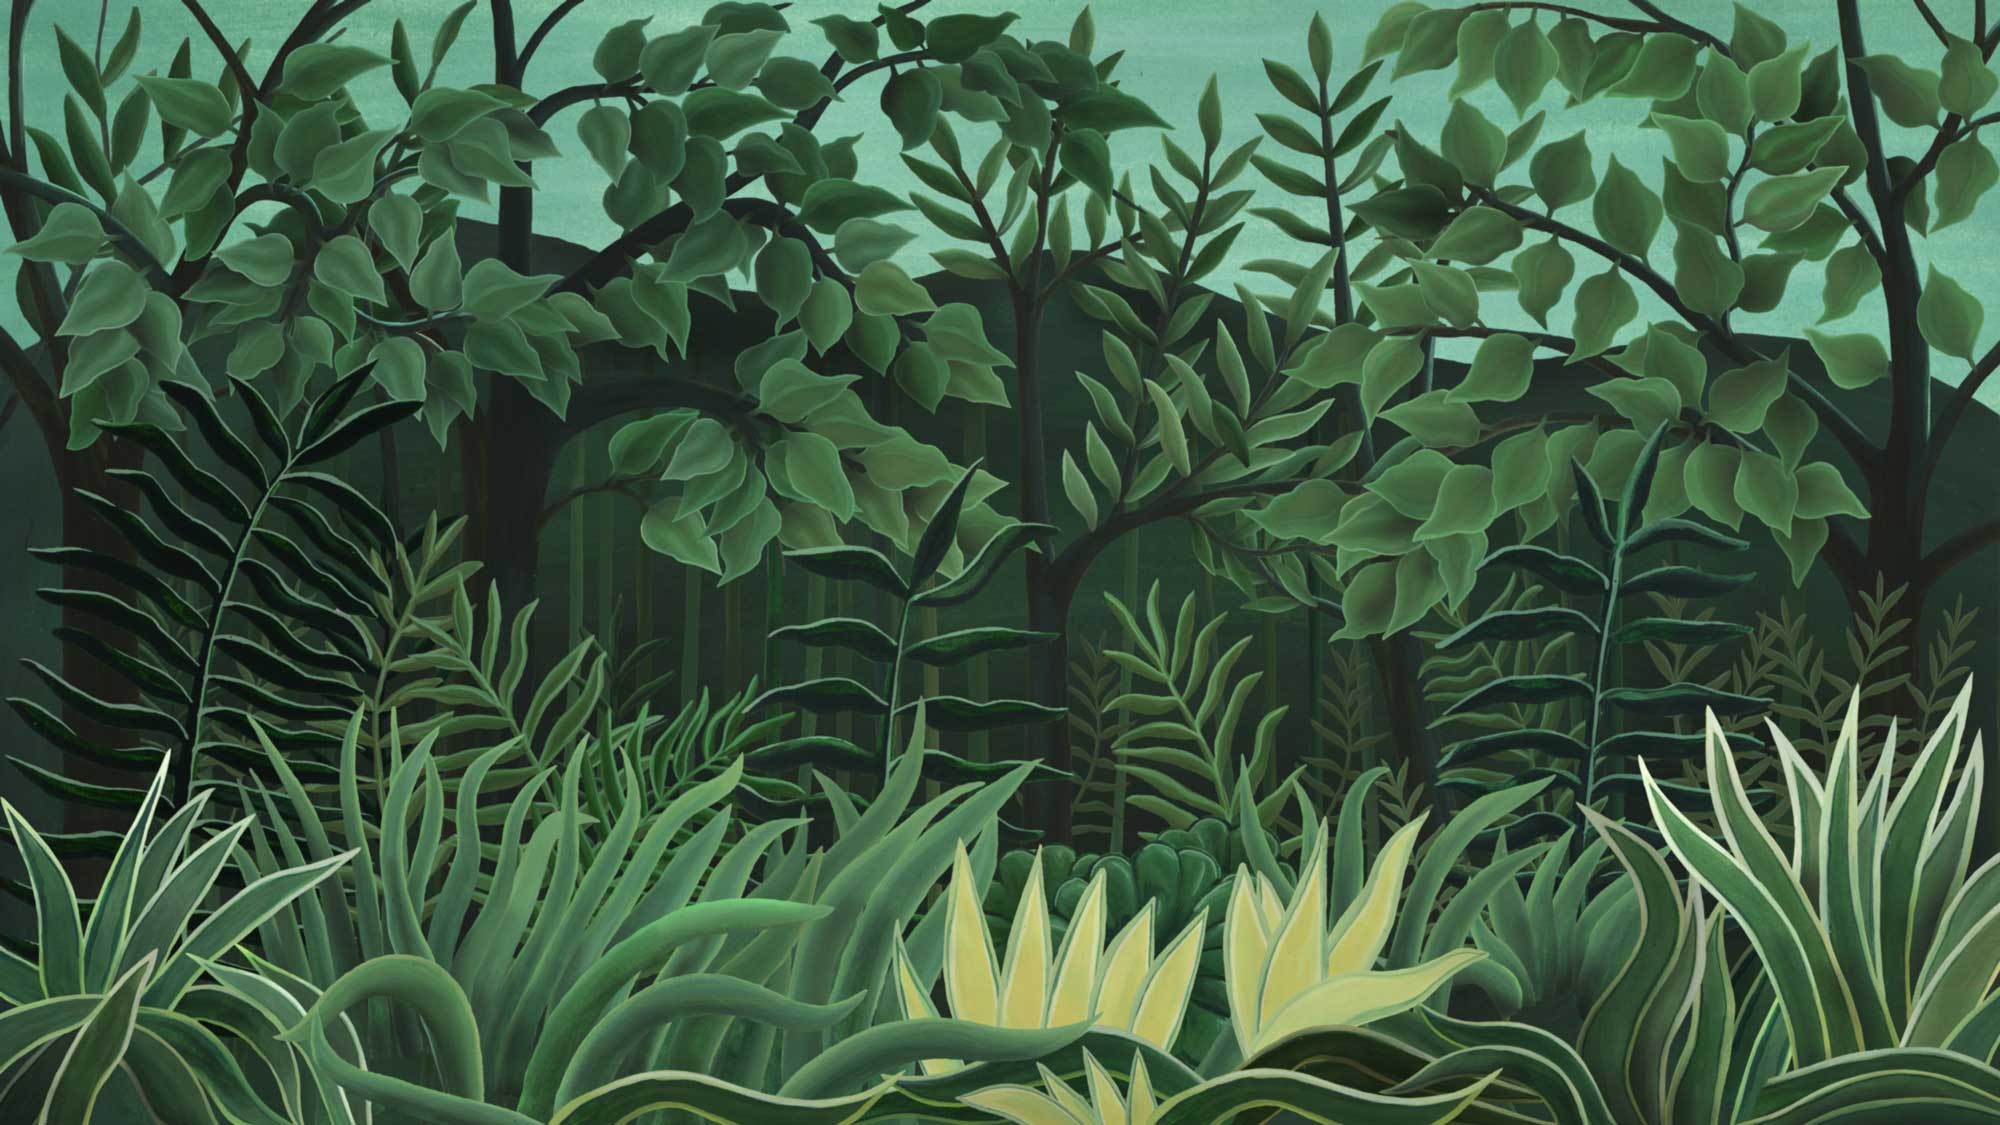 Szenenbild aus dem Zeichentrickfilms Tschitrakarna, das vornehme Kamel